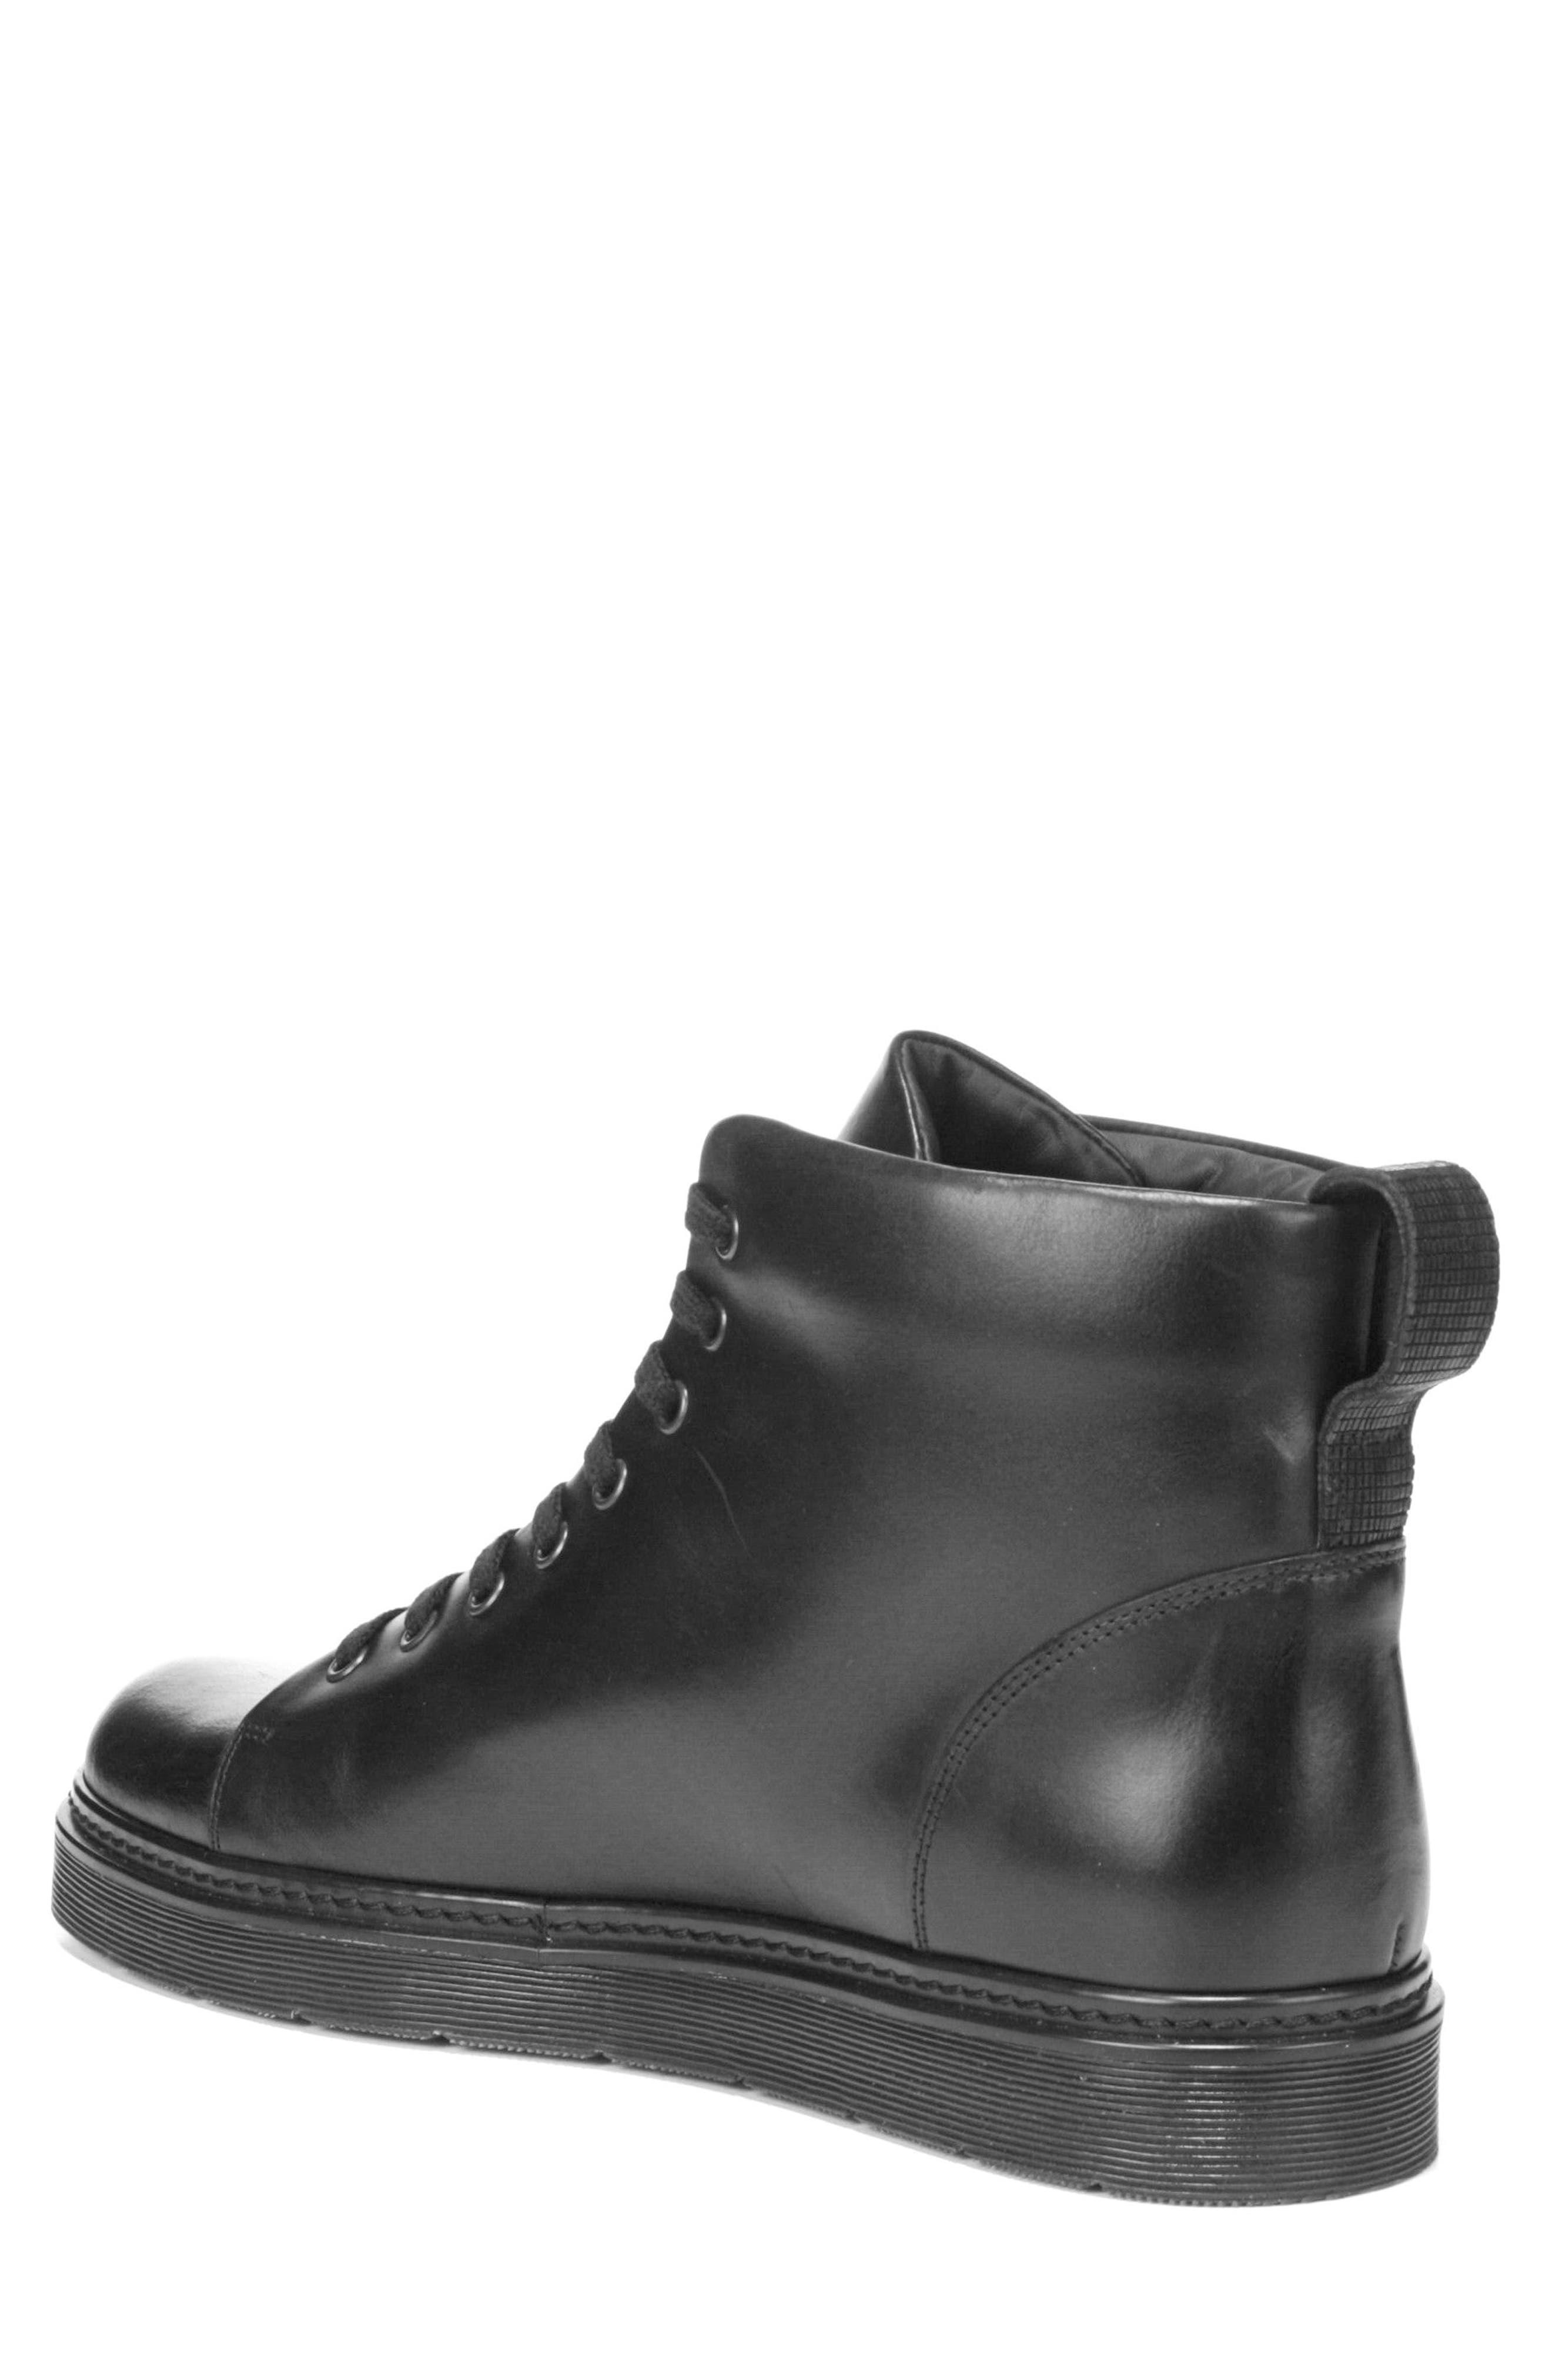 Malone Plain Toe Boot,                             Alternate thumbnail 3, color,